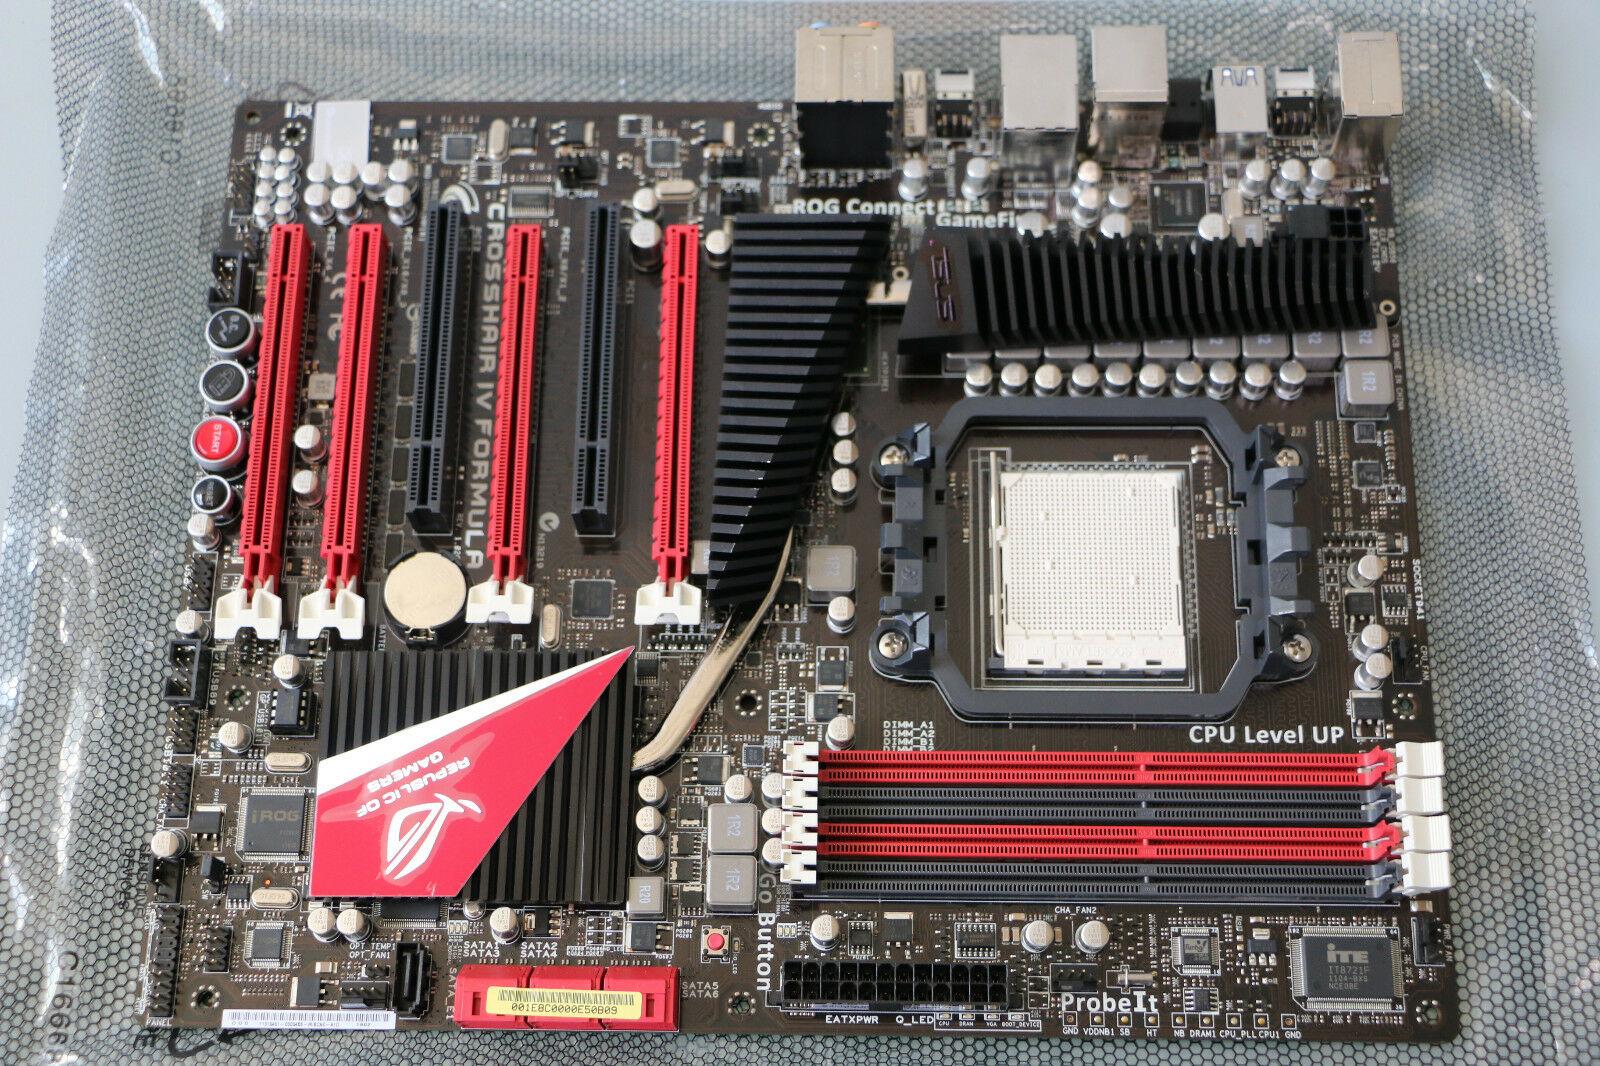 Первая компьютерная матплата, в которой одновременно работают видеокарты AMD и NVIDIA